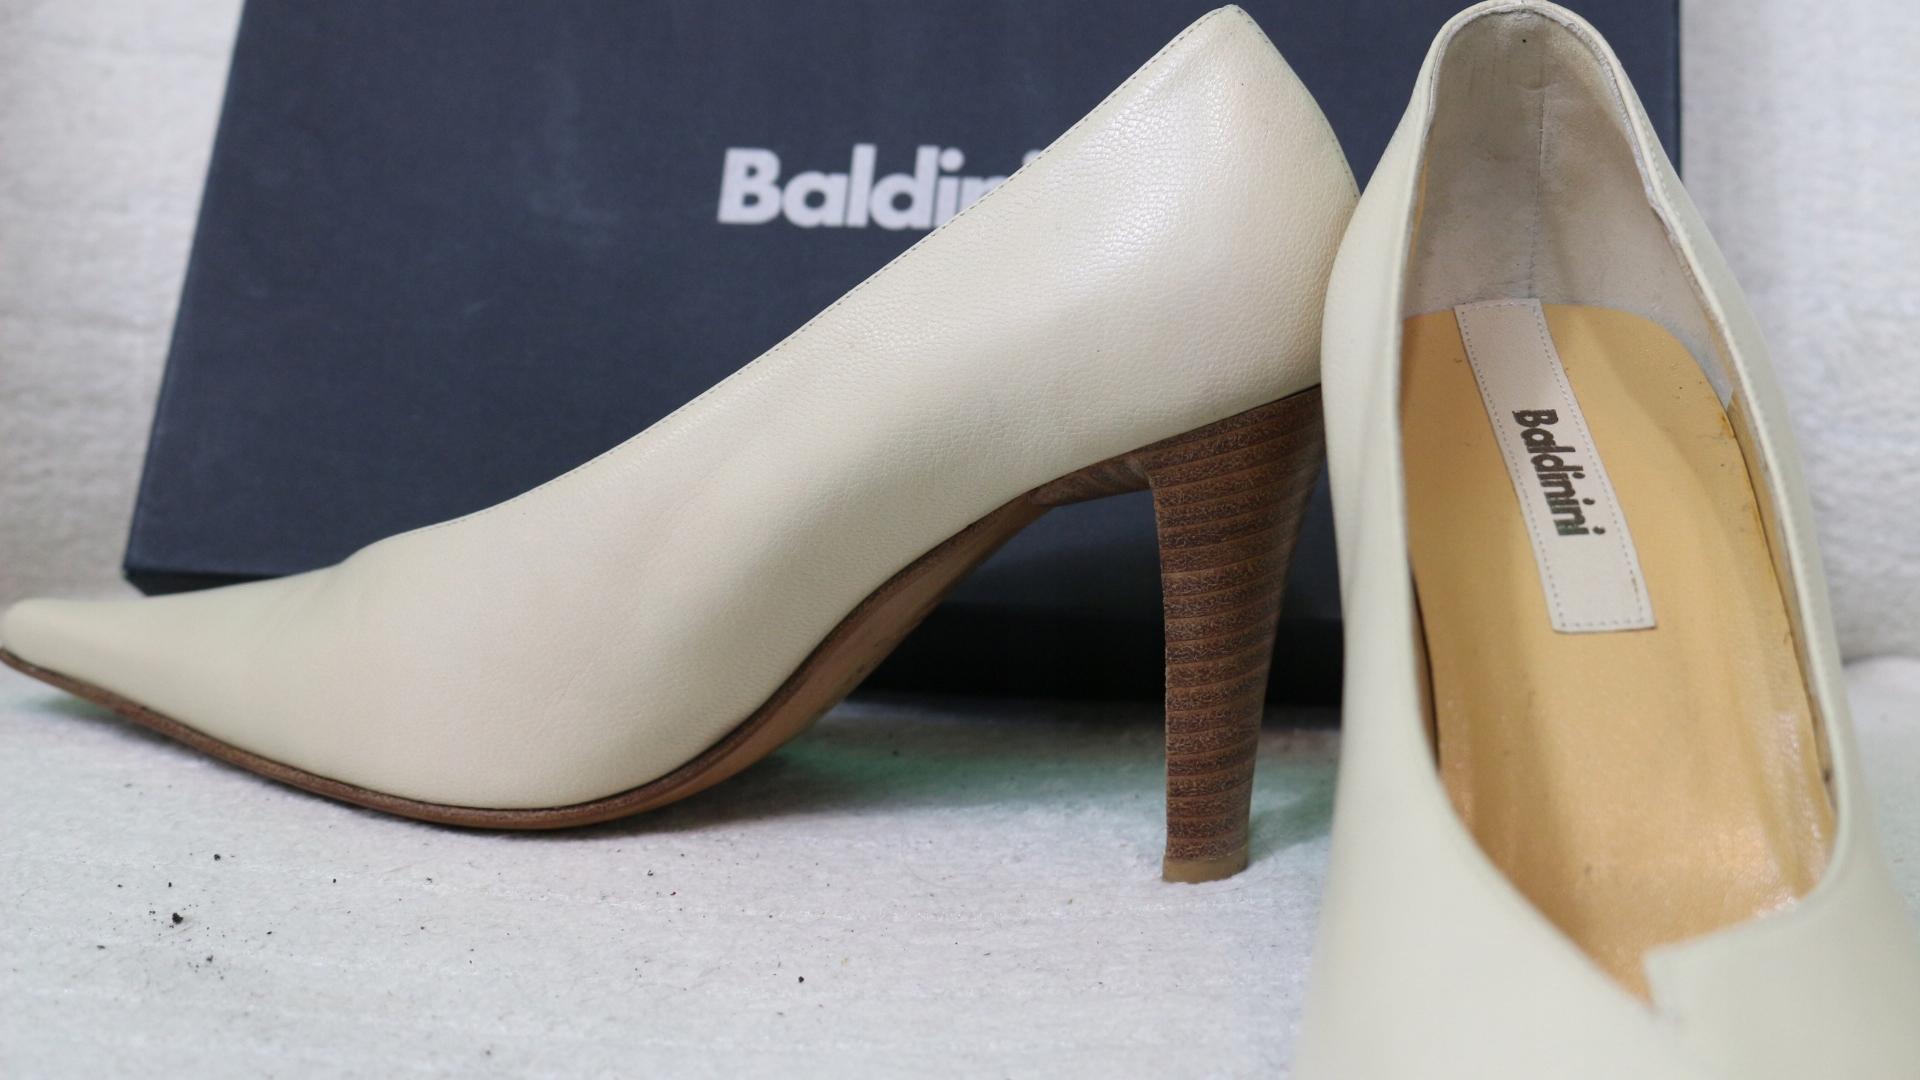 ea16908b Buty włoskie Baldinini szpilki skóra promocja -70% - 7485701213 ...